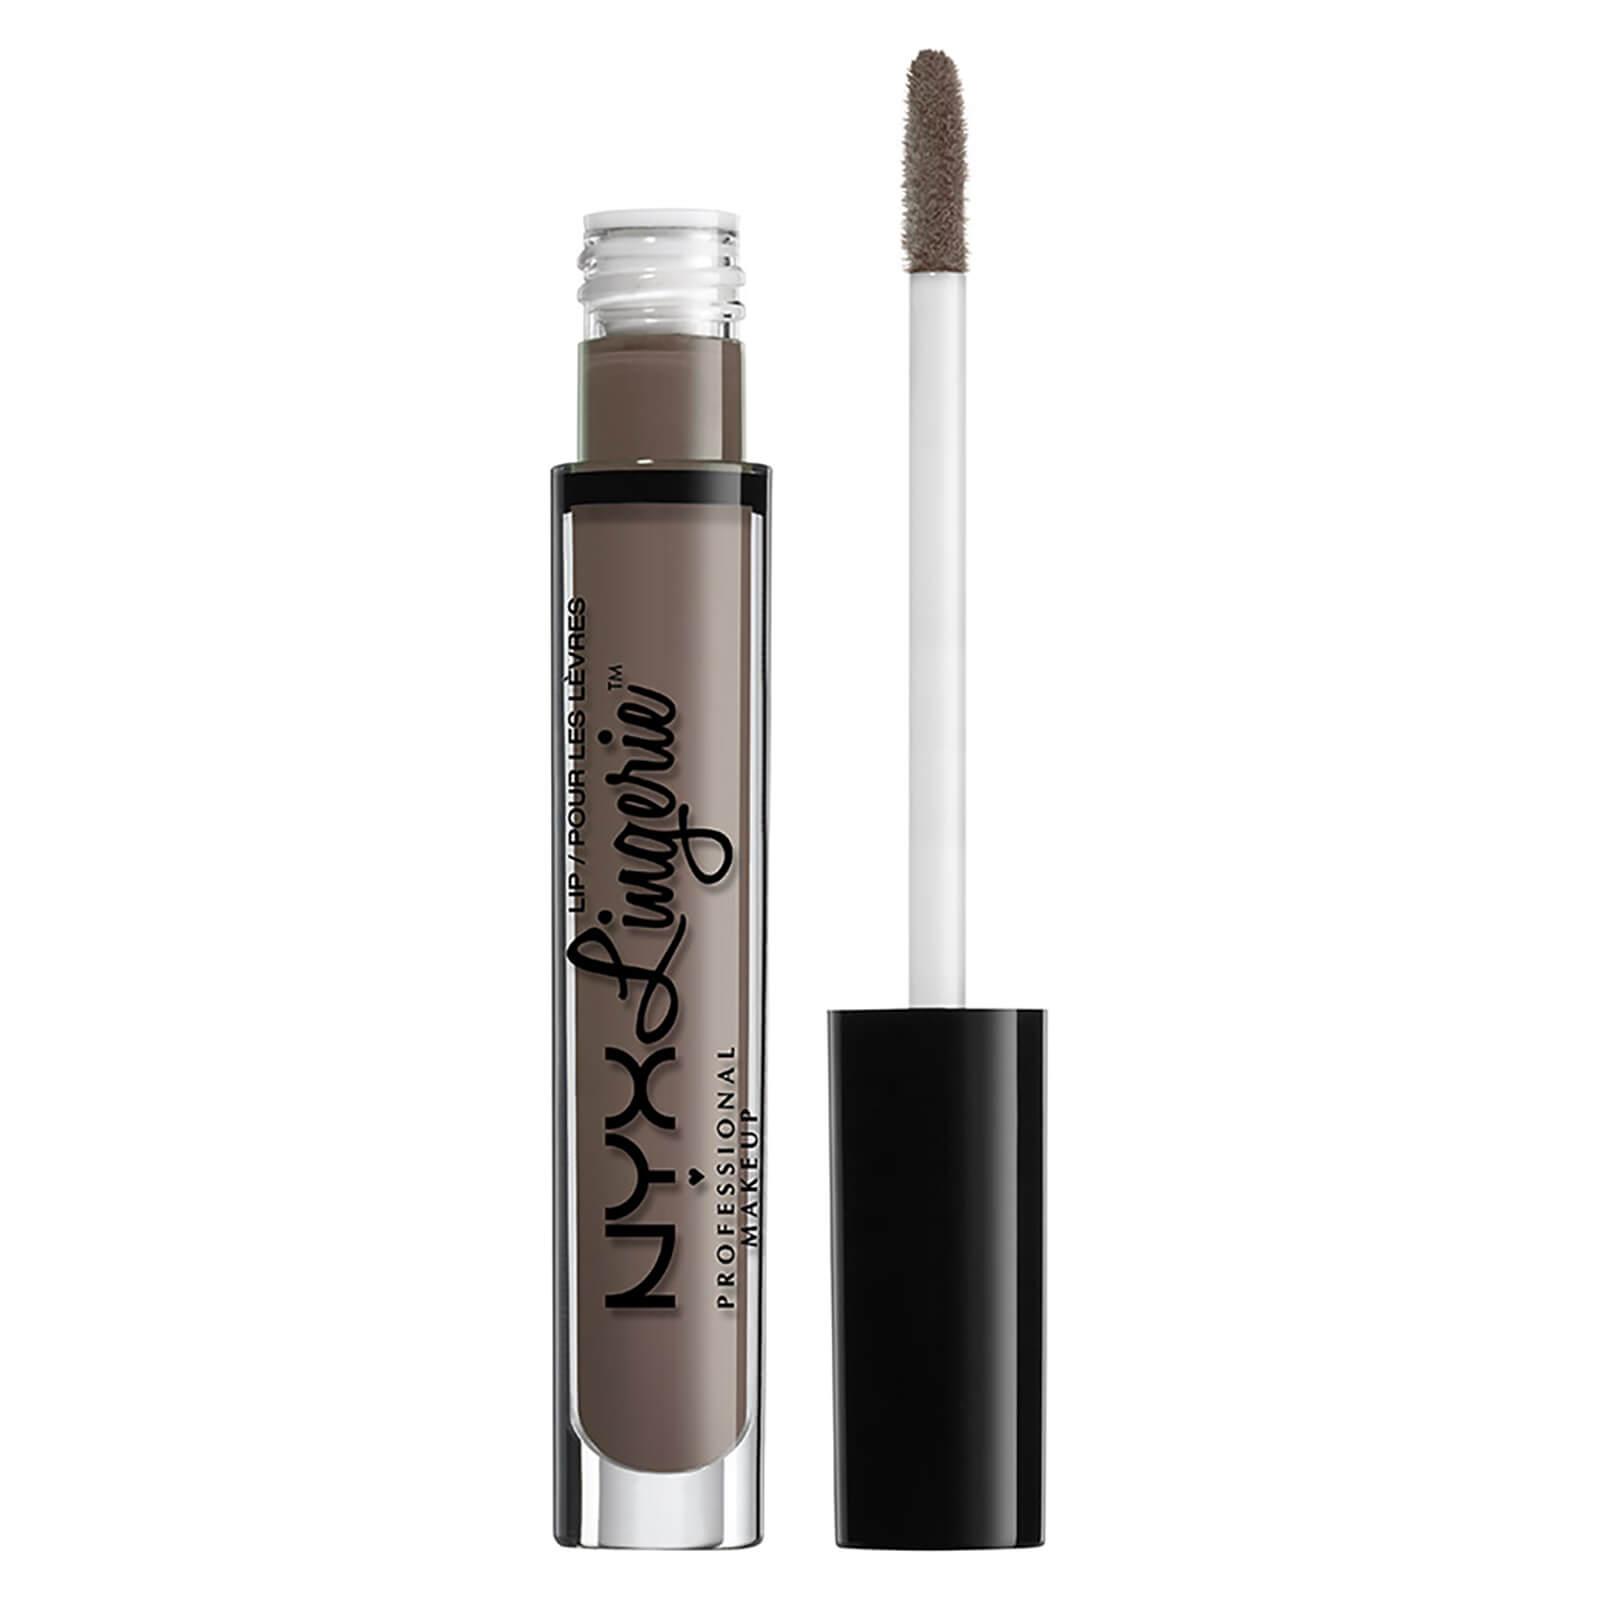 Купить Жидкая помада для губ NYX Professional Makeup Lip Lingerie Liquid Lipstick (разные оттенки) - Scandalous